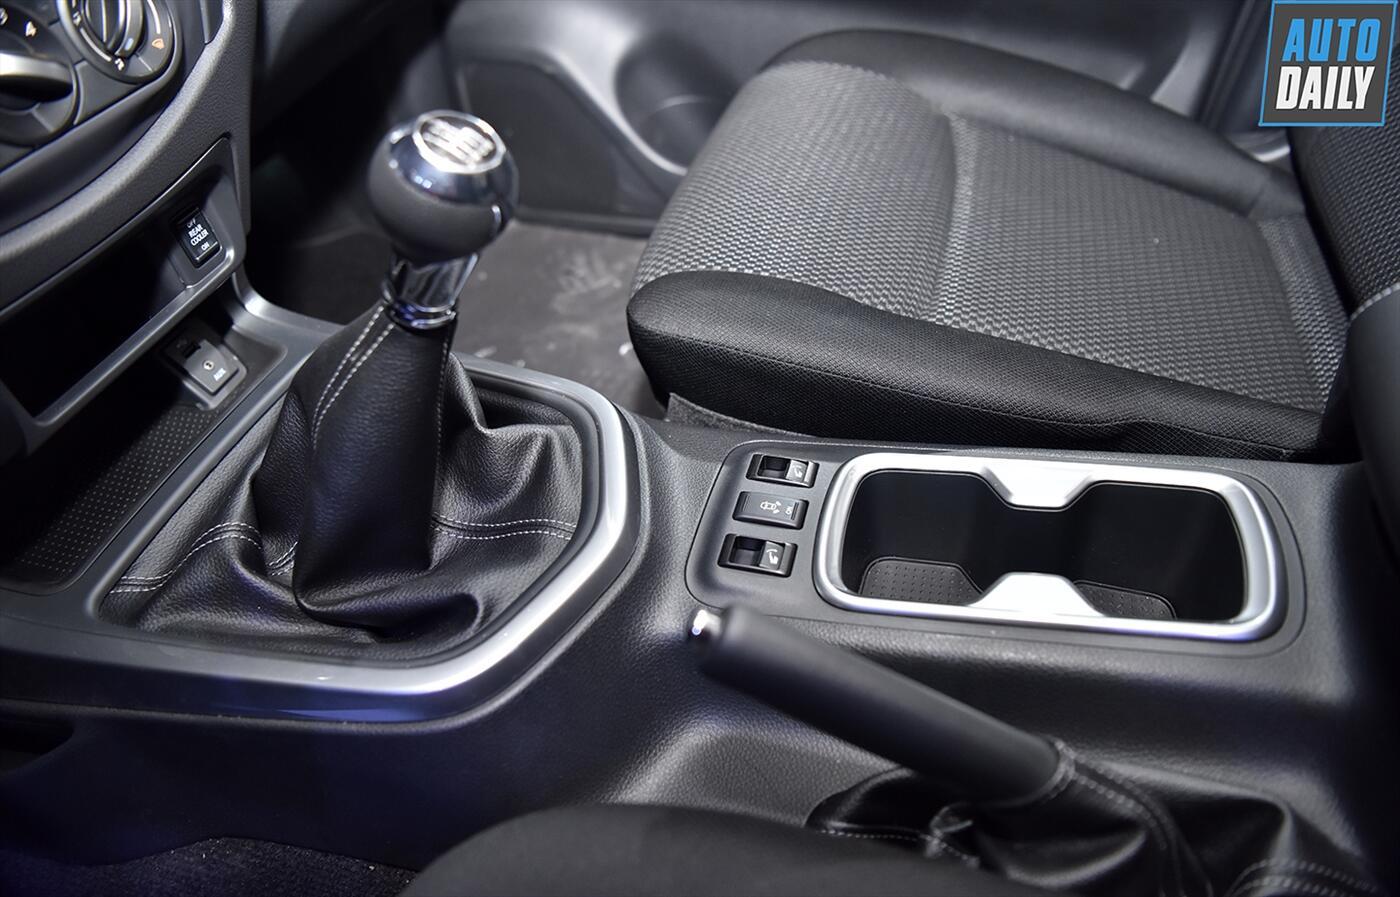 Nissan Terra 2.5 4WD AT (Máy xăng) - Hình 17